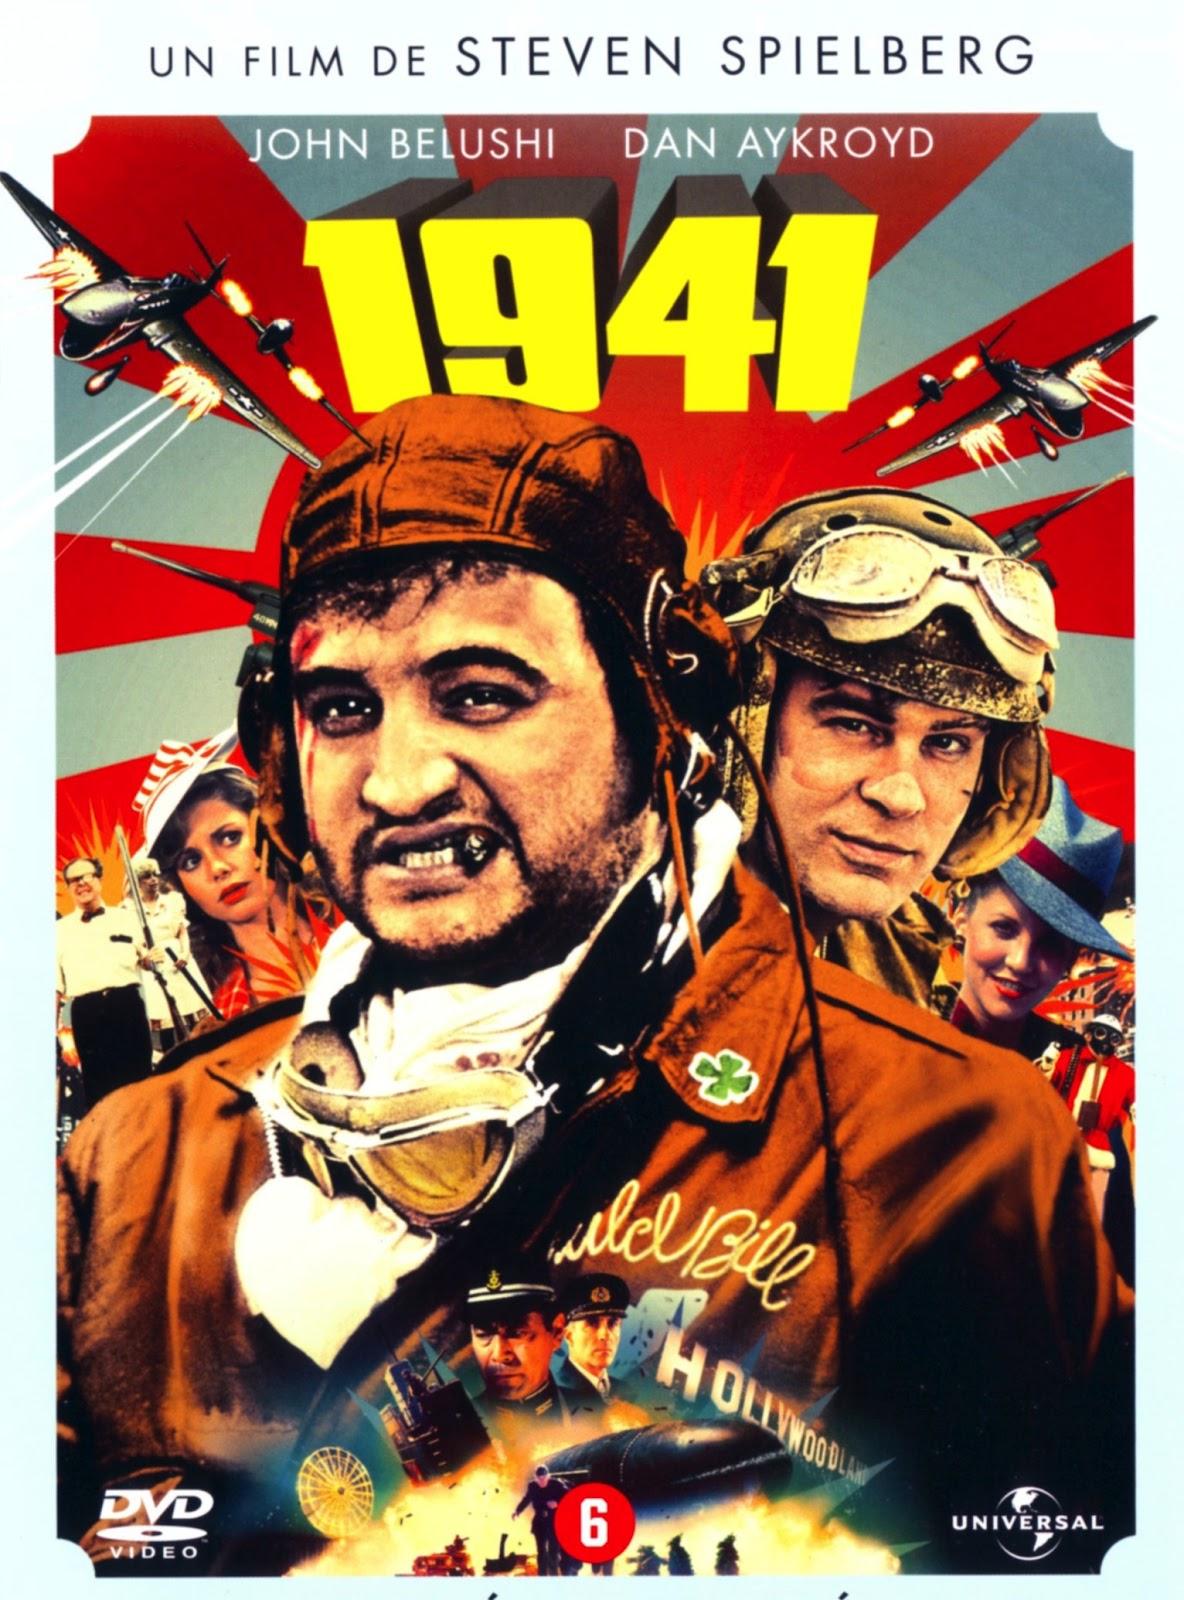 Фильм Тихий Дон  смотреть онлайн бесплатно советское кино